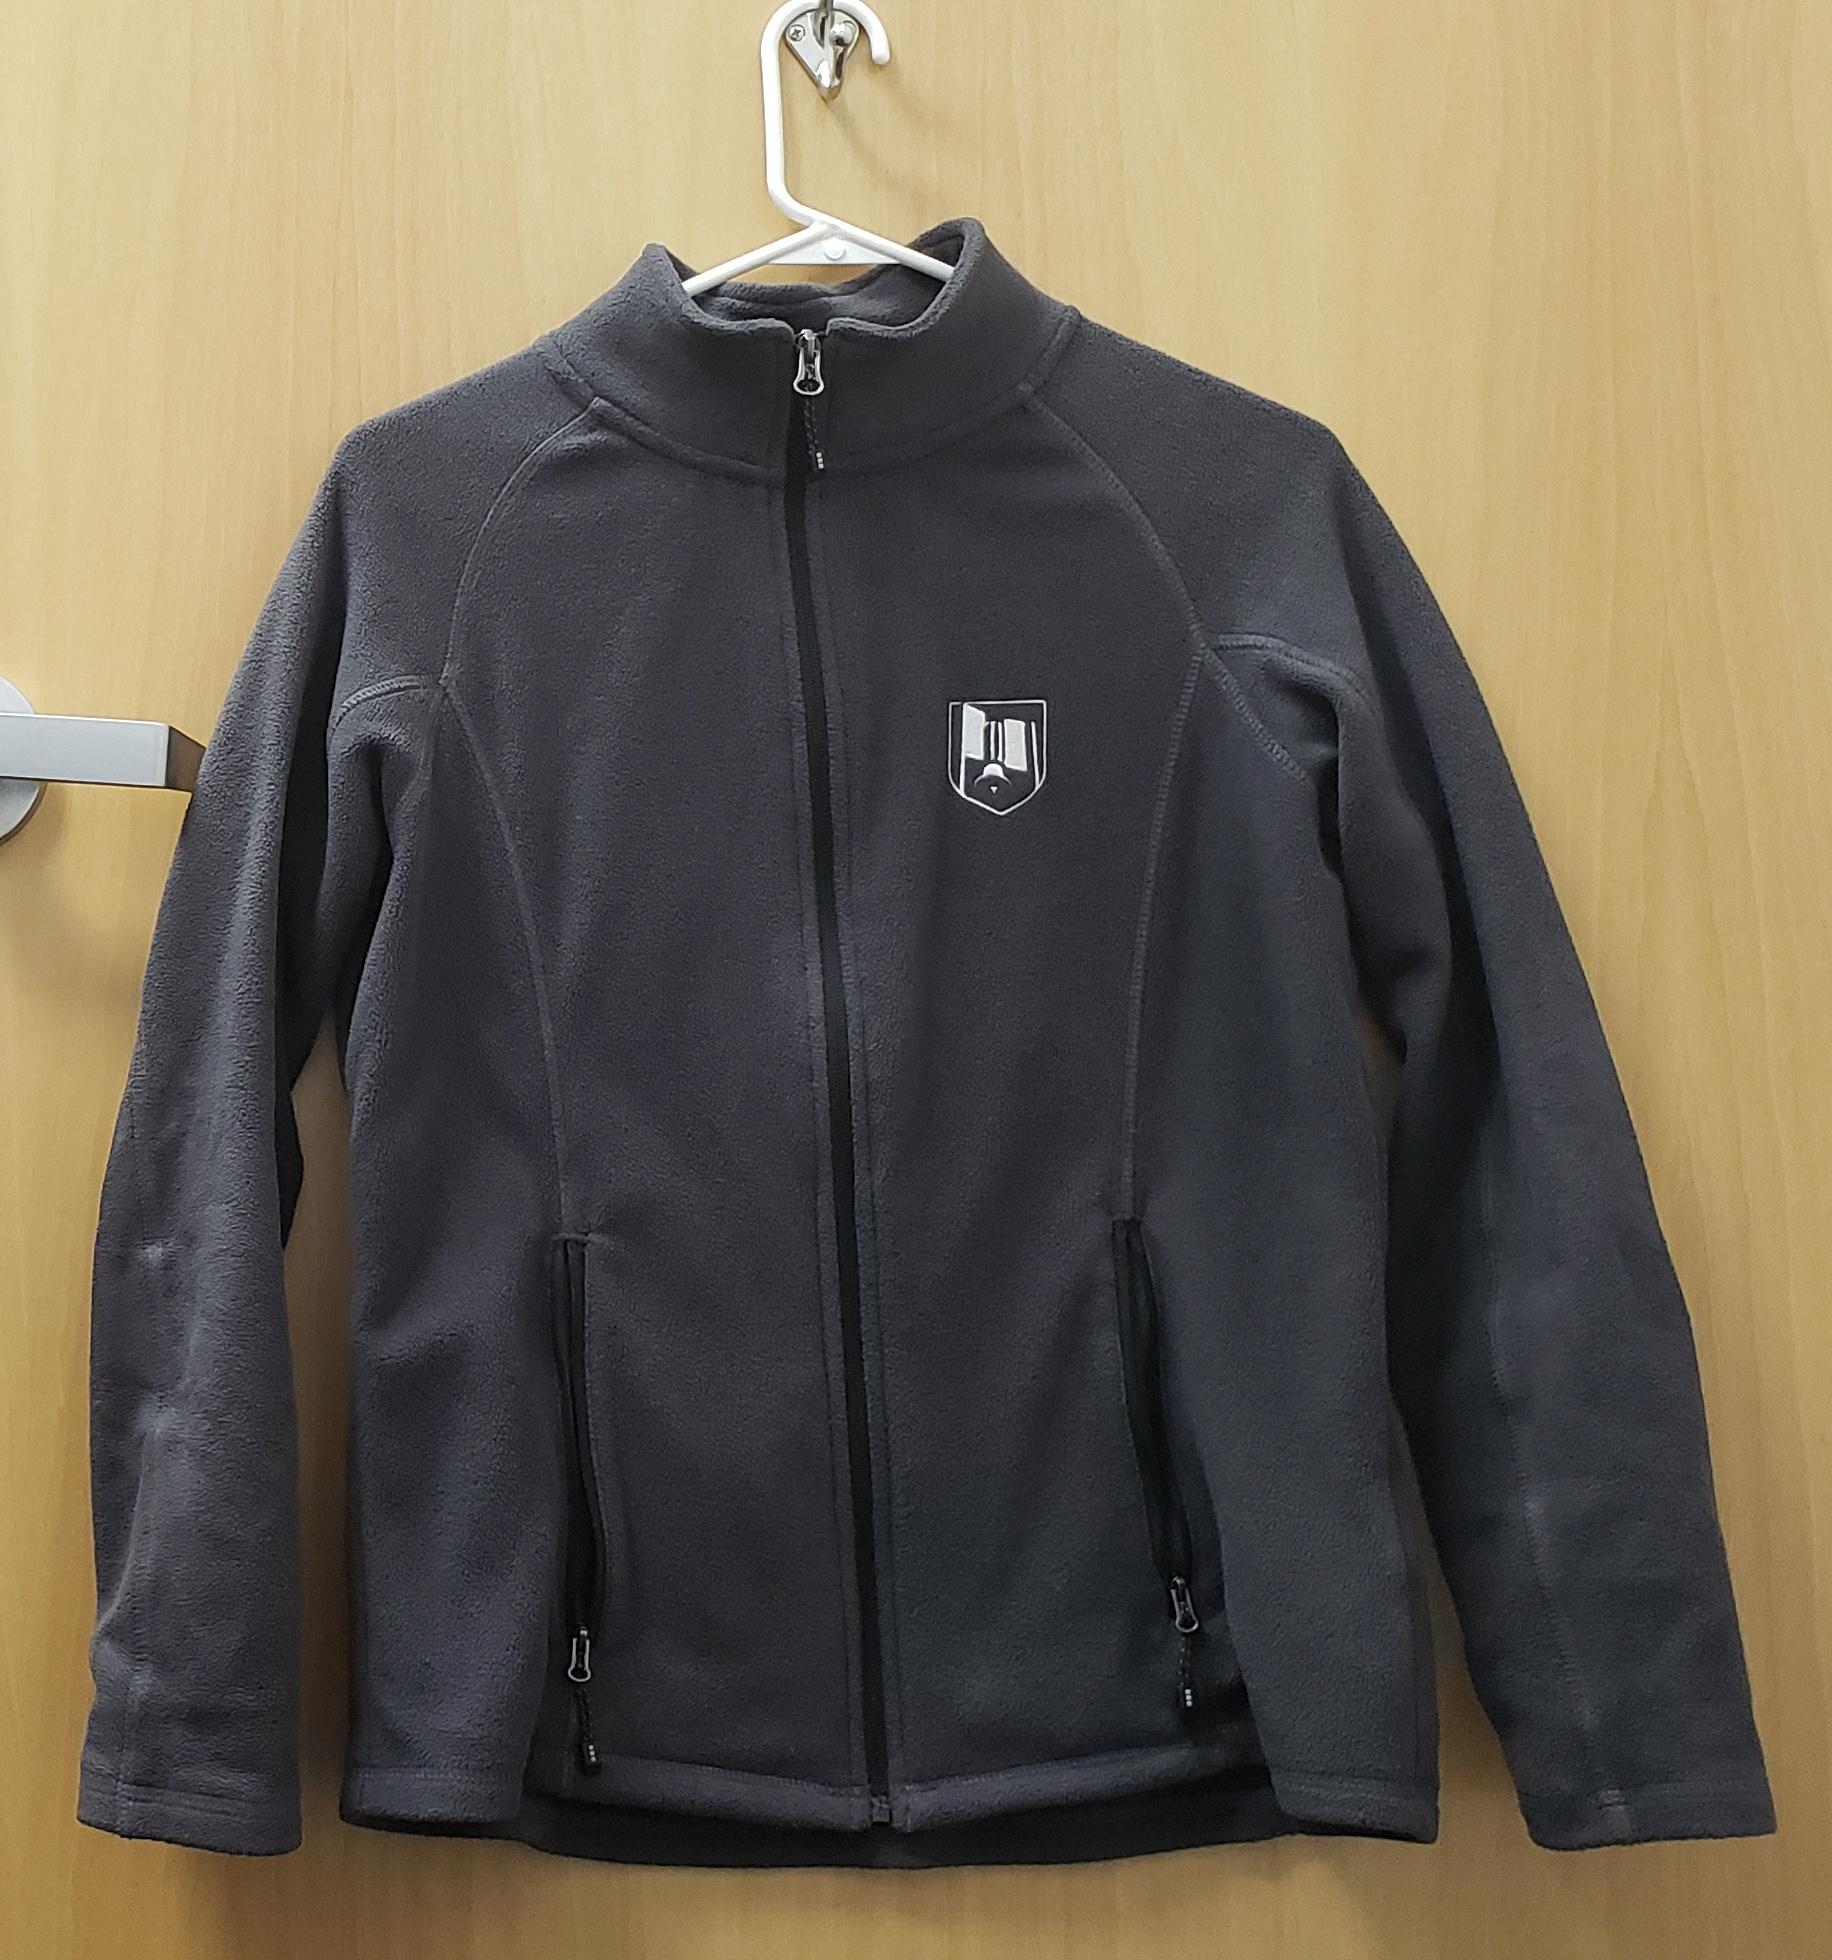 fleece jacket jjc scavenger hunt joliet junior college prize